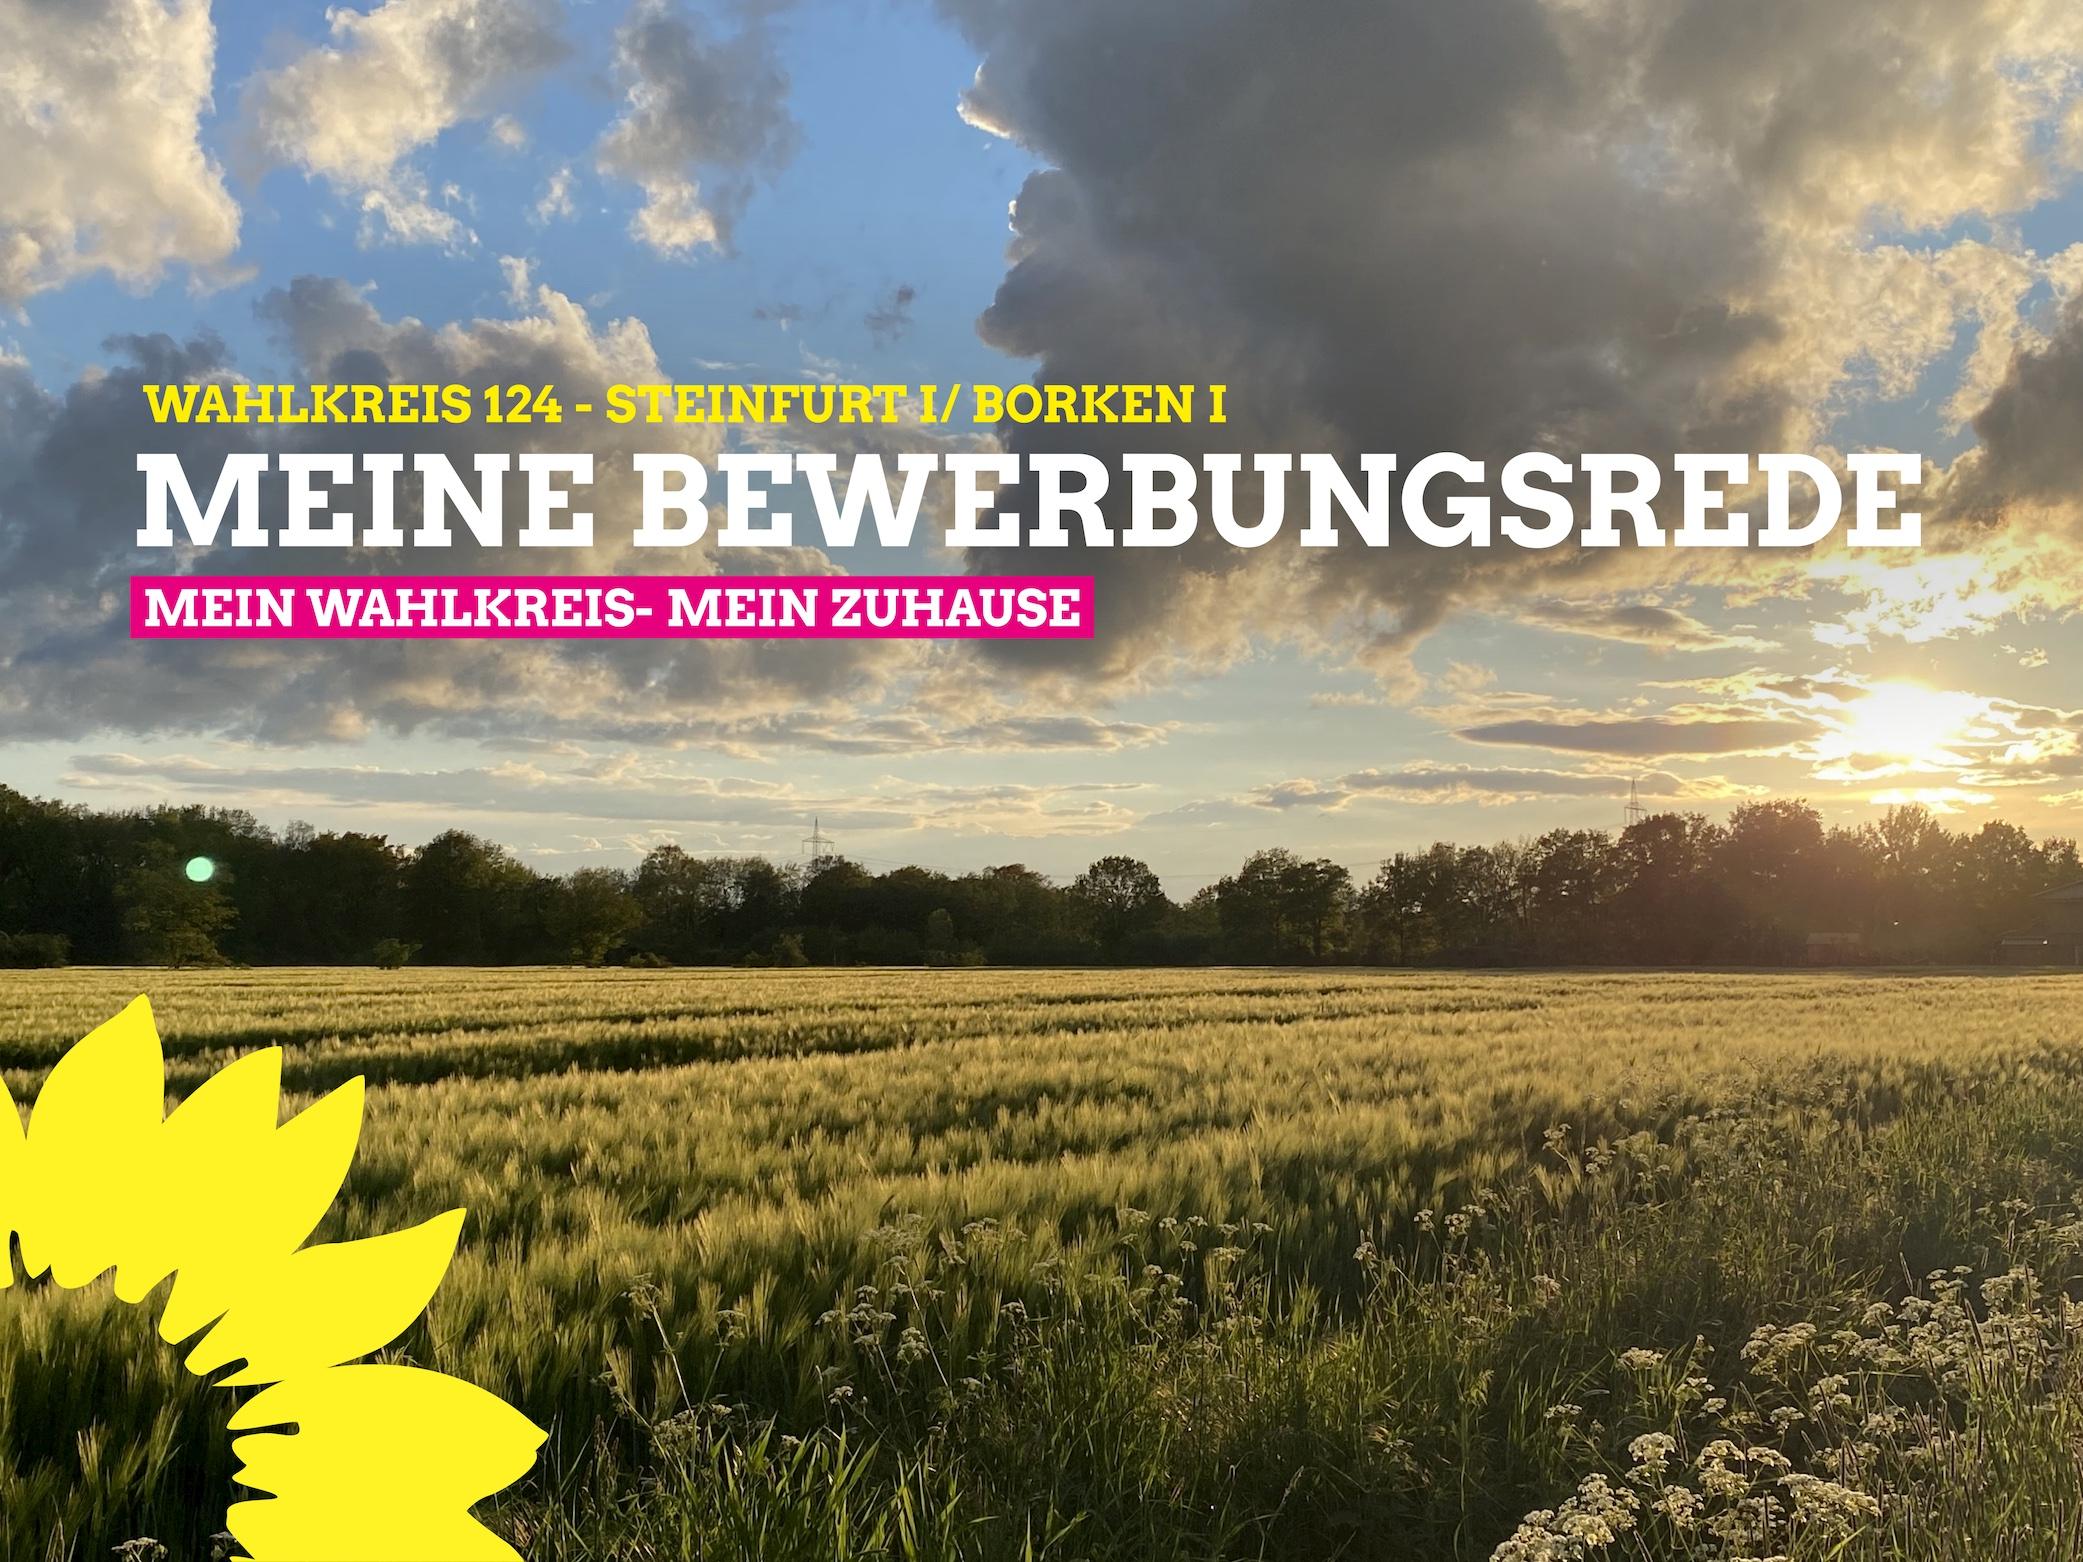 Meine Bewerbungsrede als Direktwahlkandidatin für Steinfurt I/ Borken I